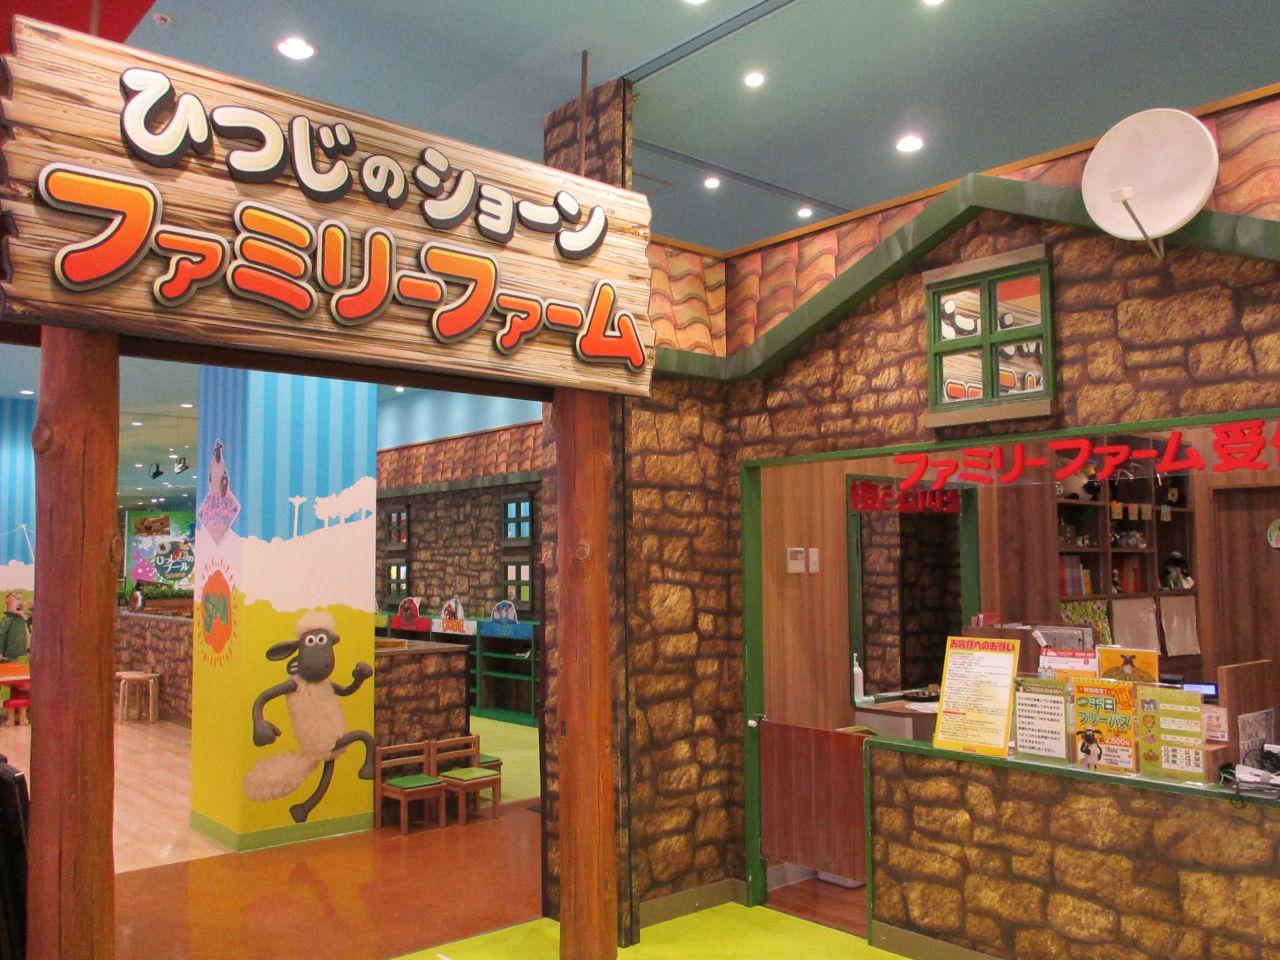 ひつじのショーン ファミリーファーム ららぽーとEXPOCITY店